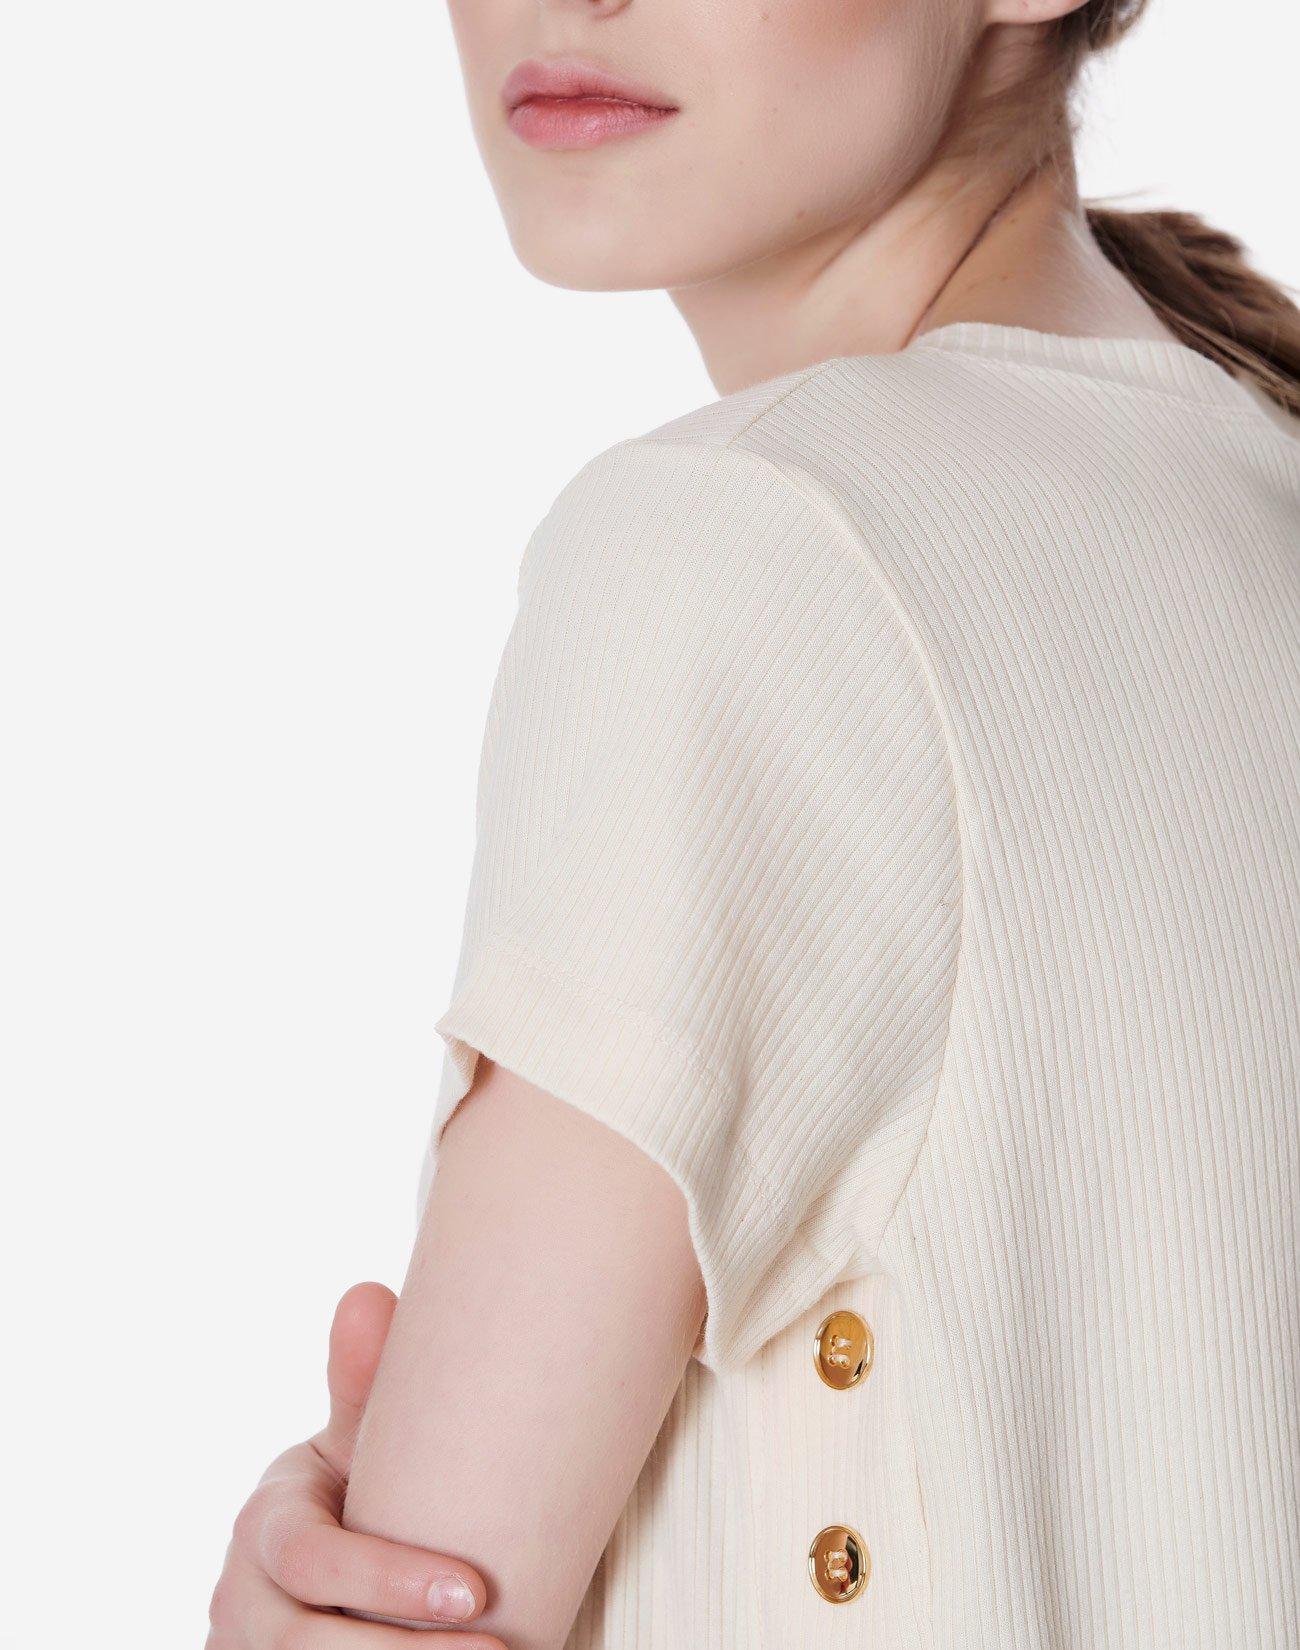 Μπλούζα ριπ με κουμπιά